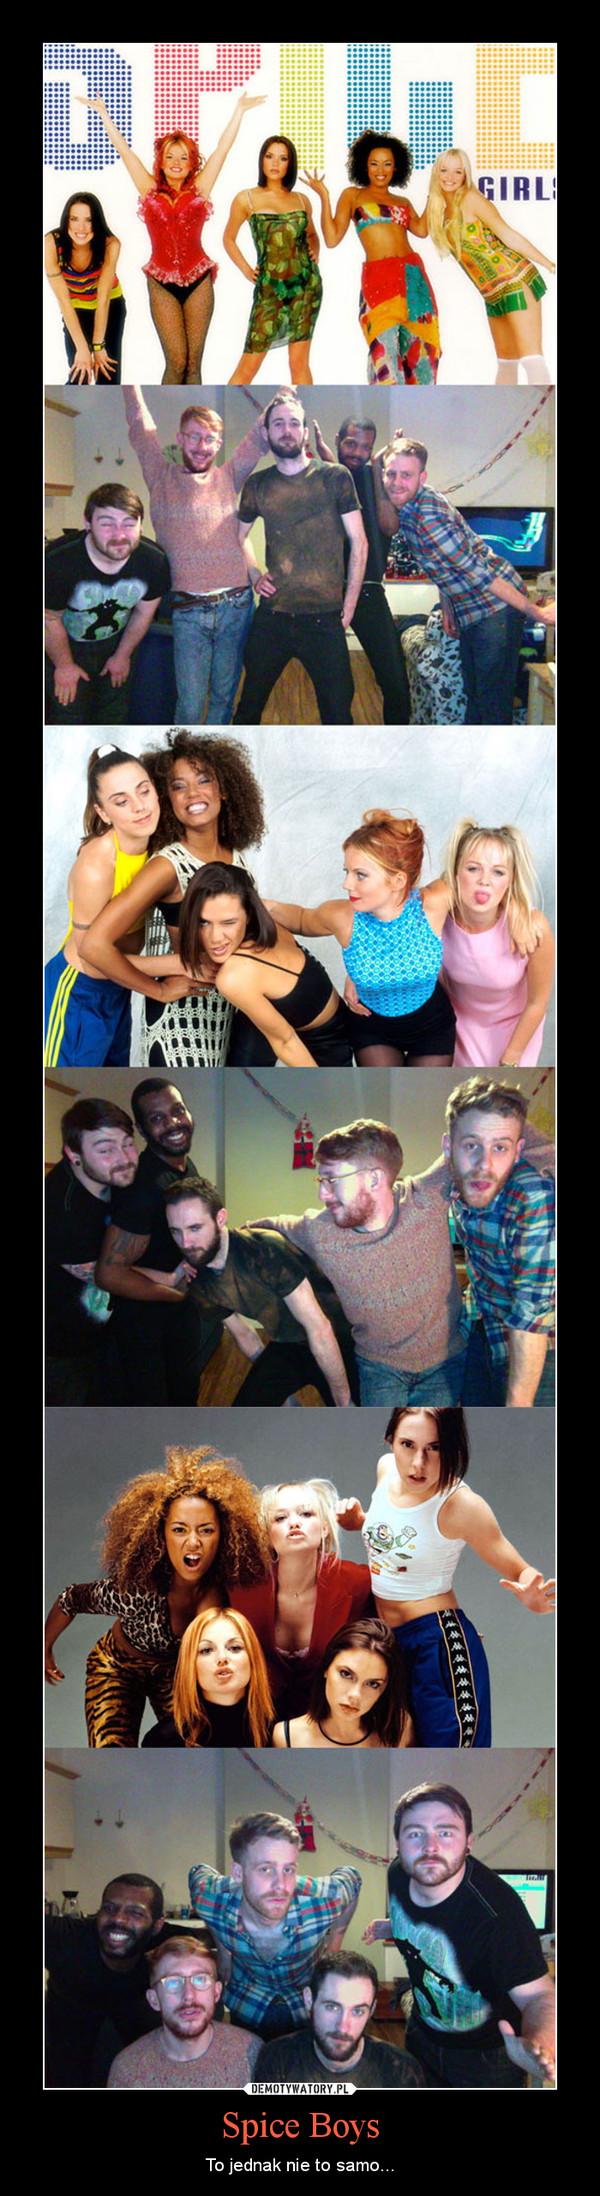 Spice Boys – To jednak nie to samo...